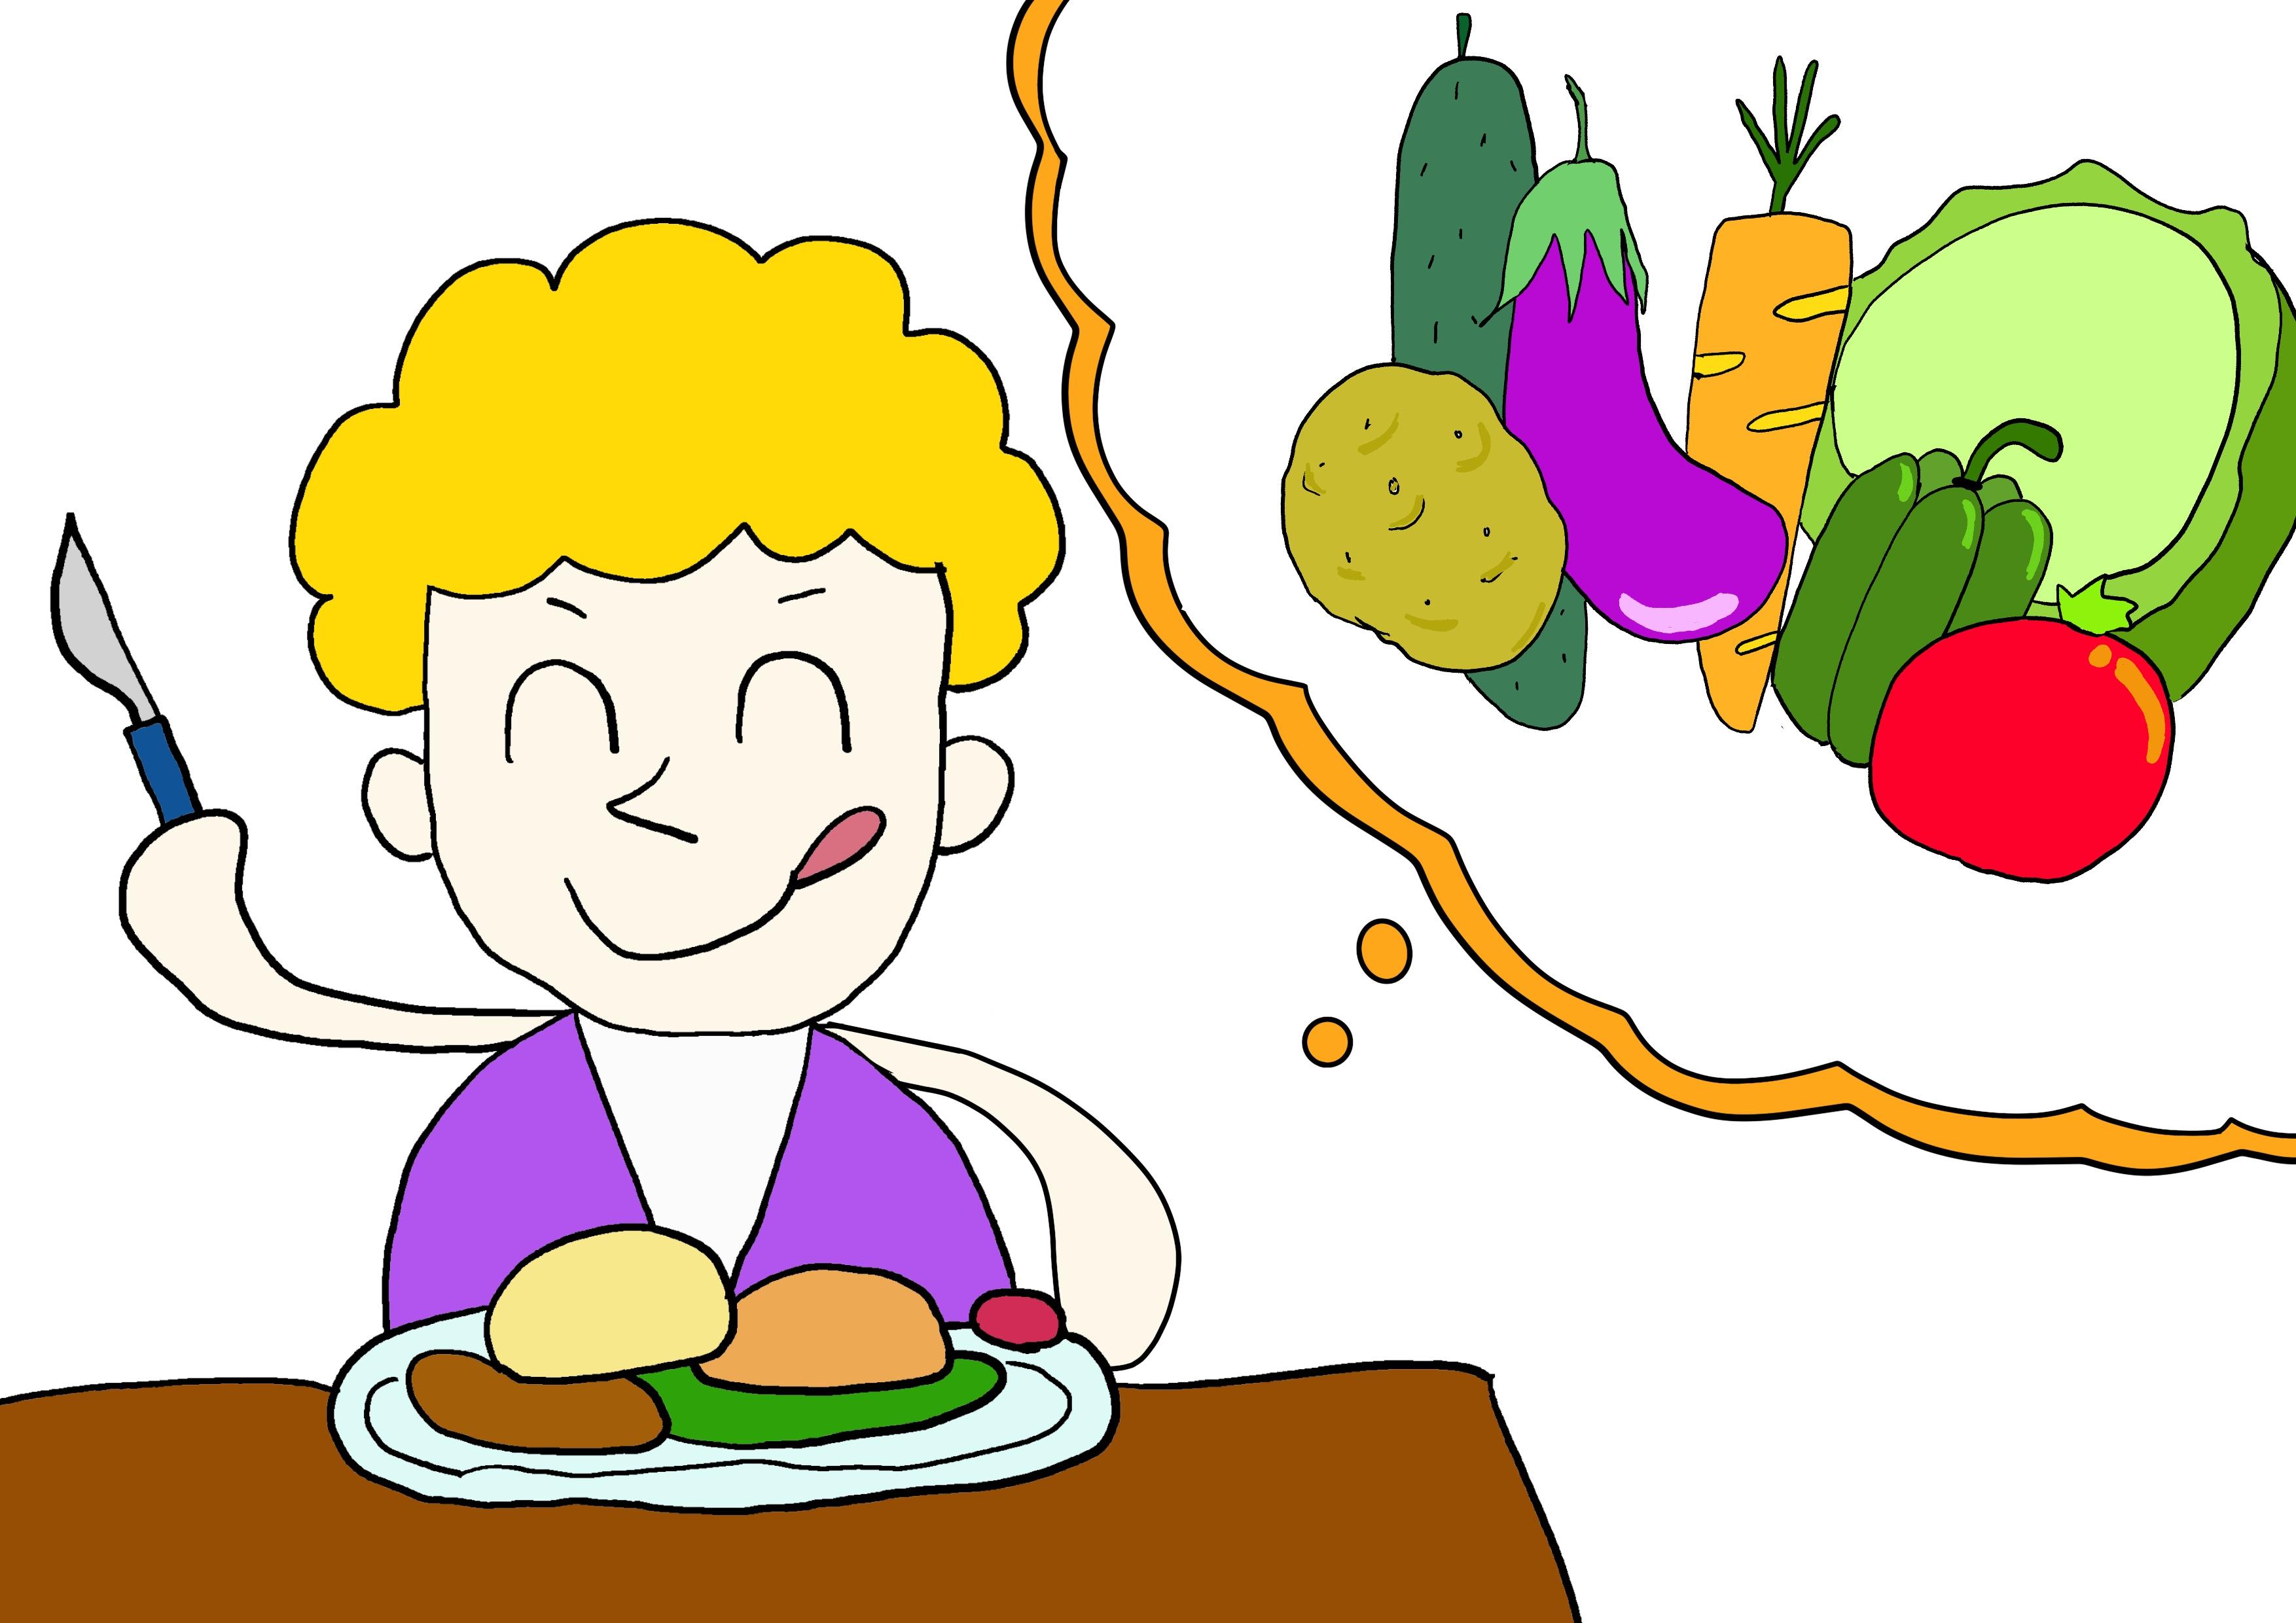 6課イラスト【野菜を食べる】